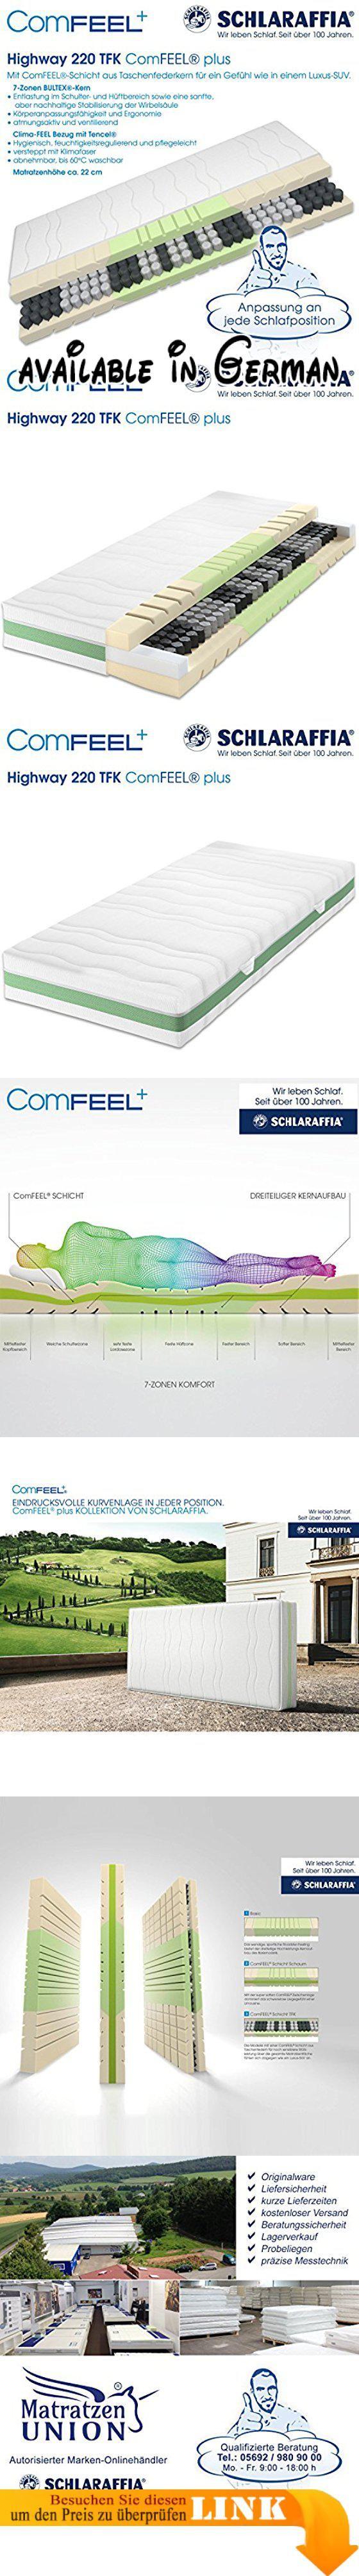 Schön Stapelliege Rolf Heide Gebraucht Schema